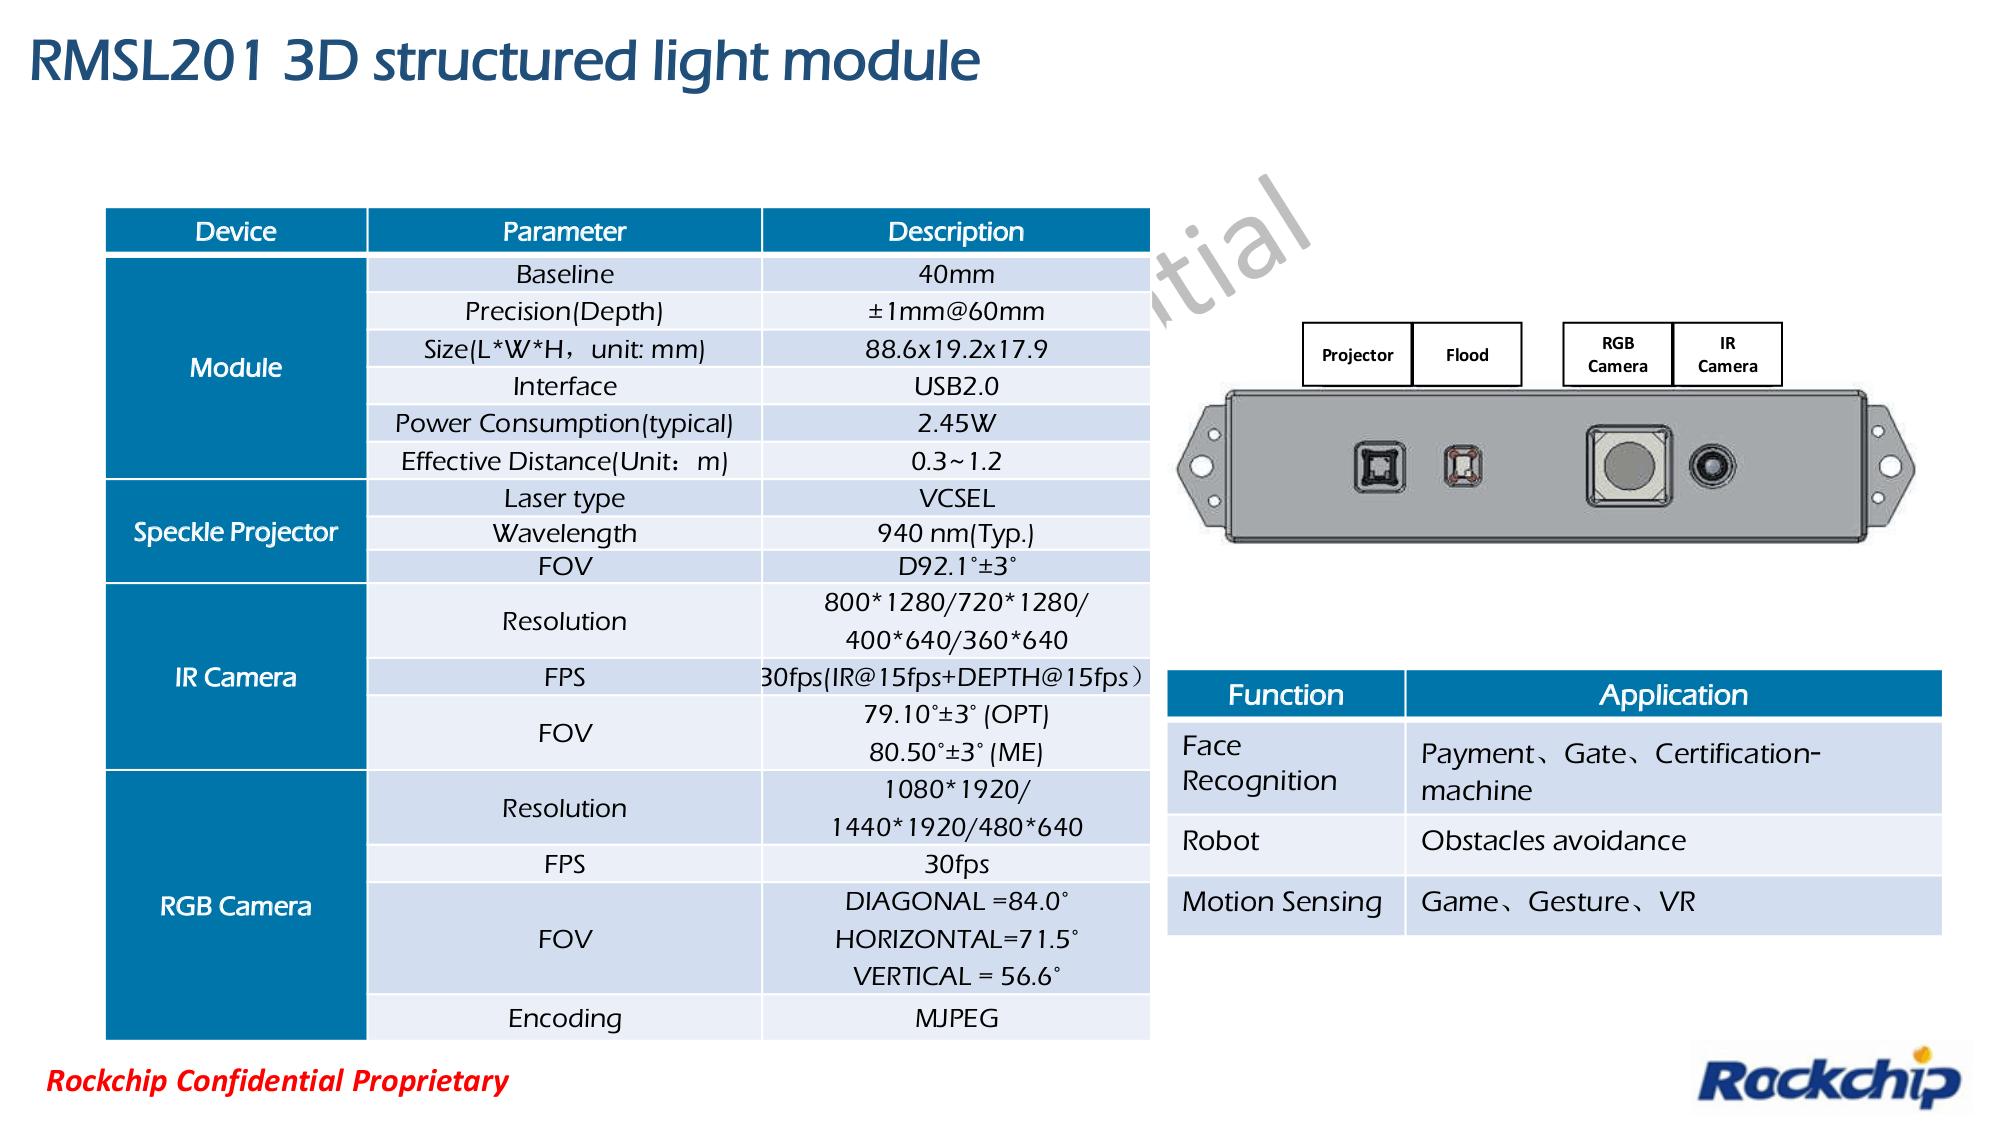 Rockchip RMSL201 3D structured light